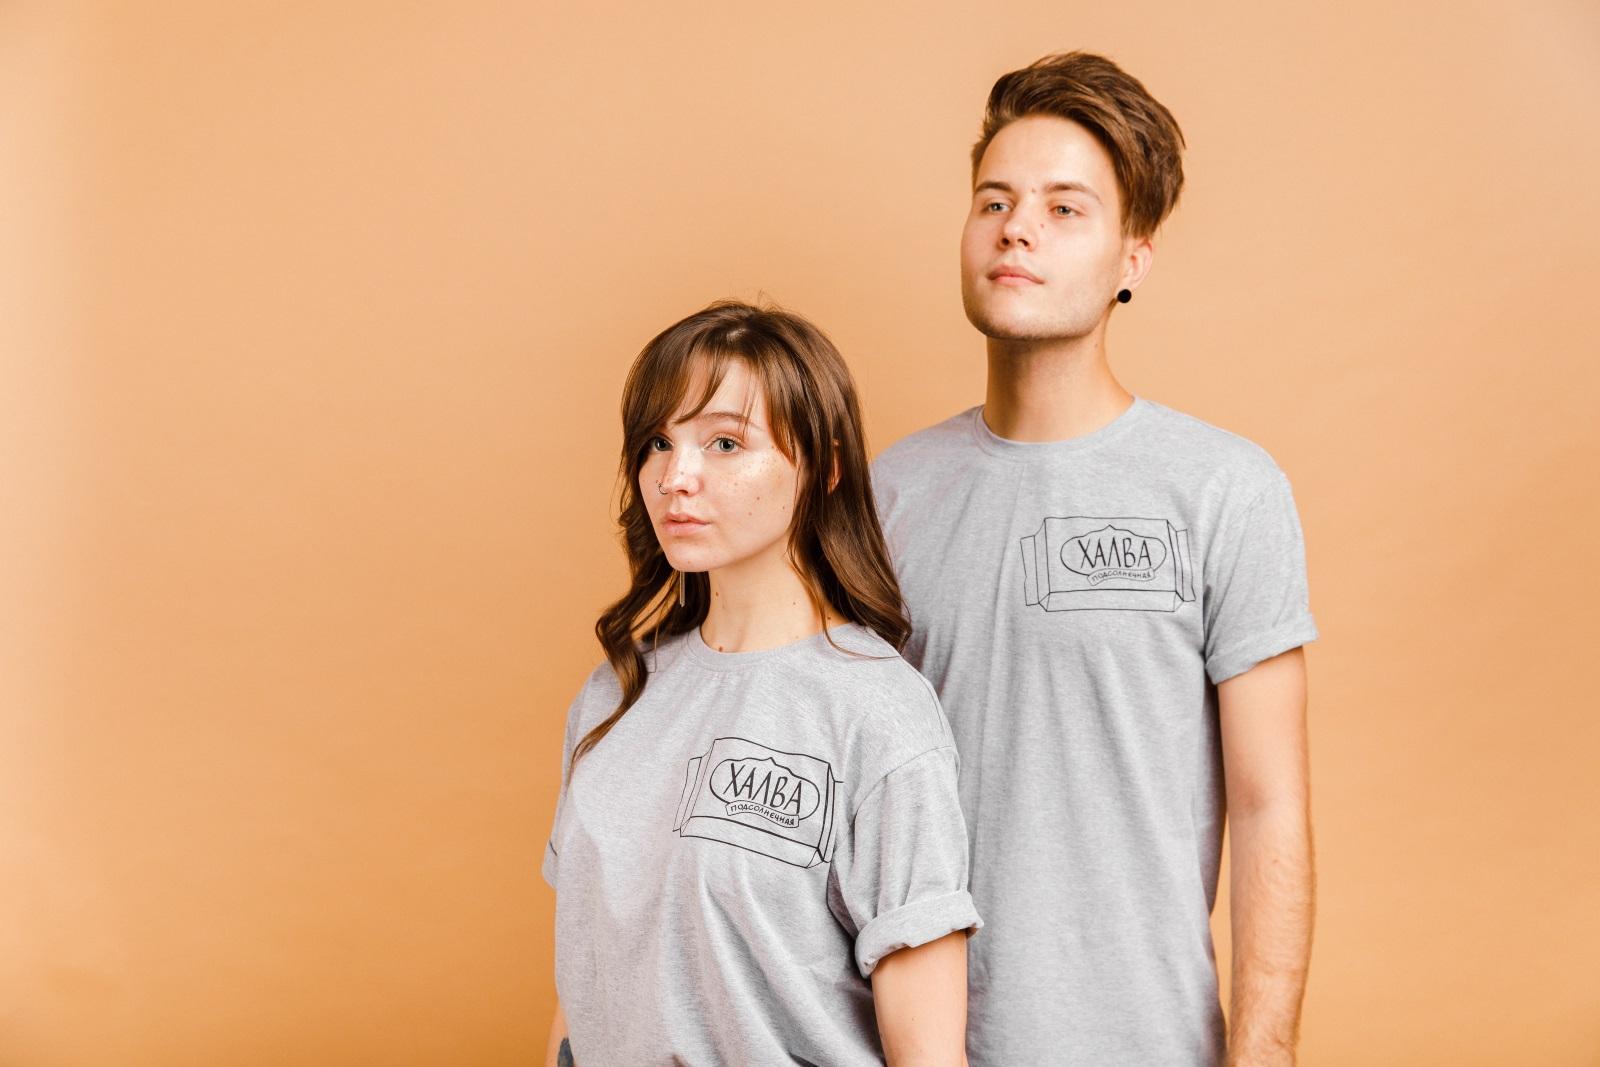 Серая меланж футболка нищее веган выживание, купить в интернет-магазине | vegansurvive.com